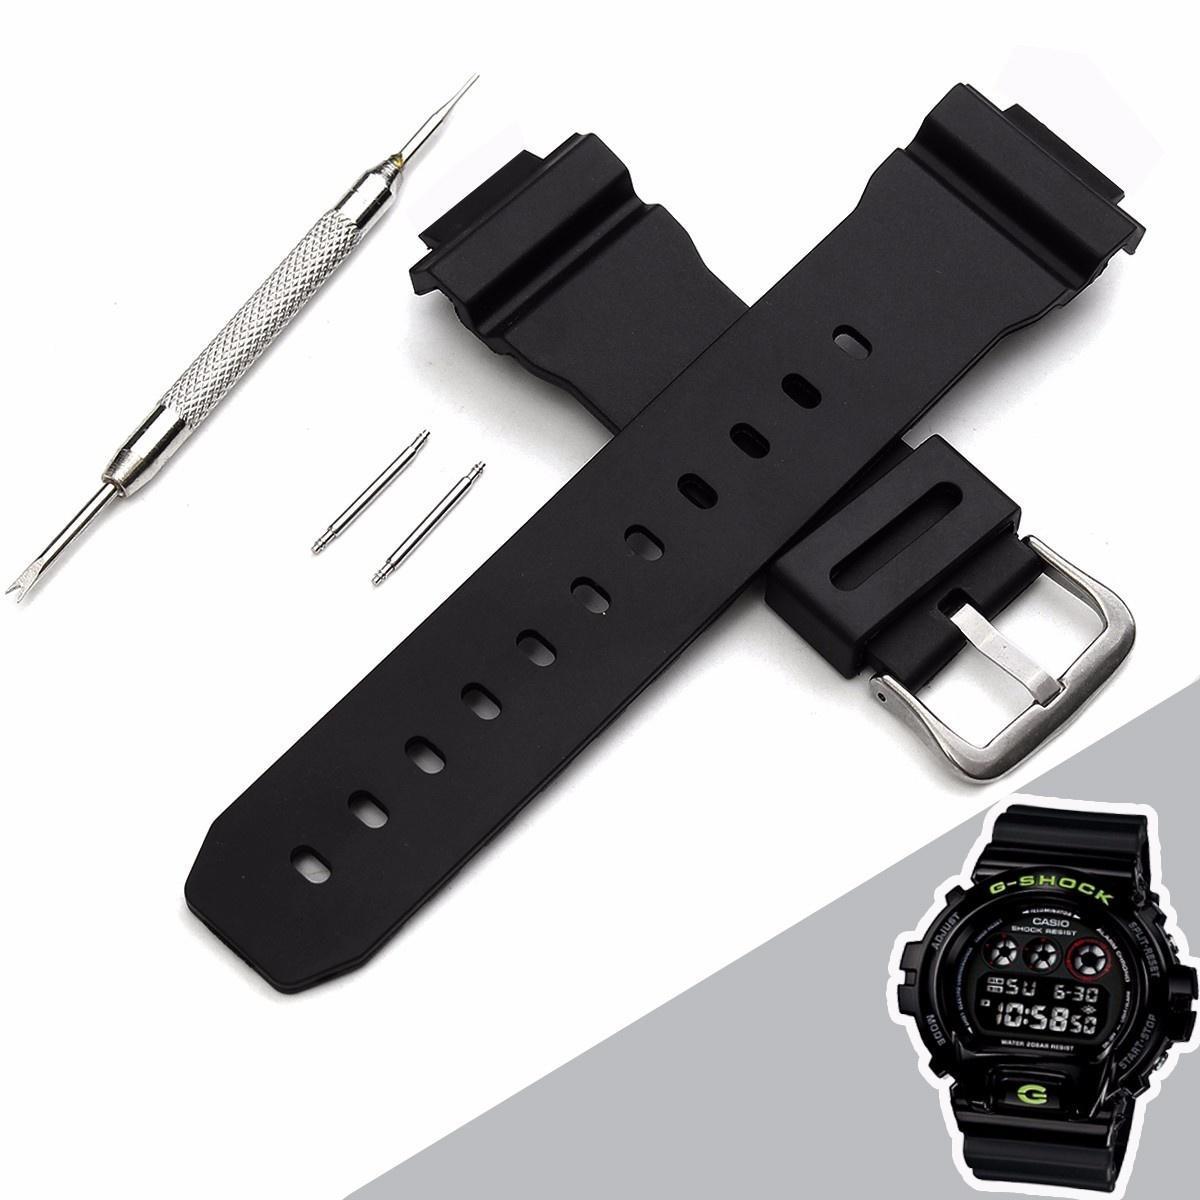 J3 Замена наручные Band ремень Пряжка браслет для Casio G-Shock DW-6900 с уха пакетного & иглы 26... casio g shock g classic ga 110mb 1a